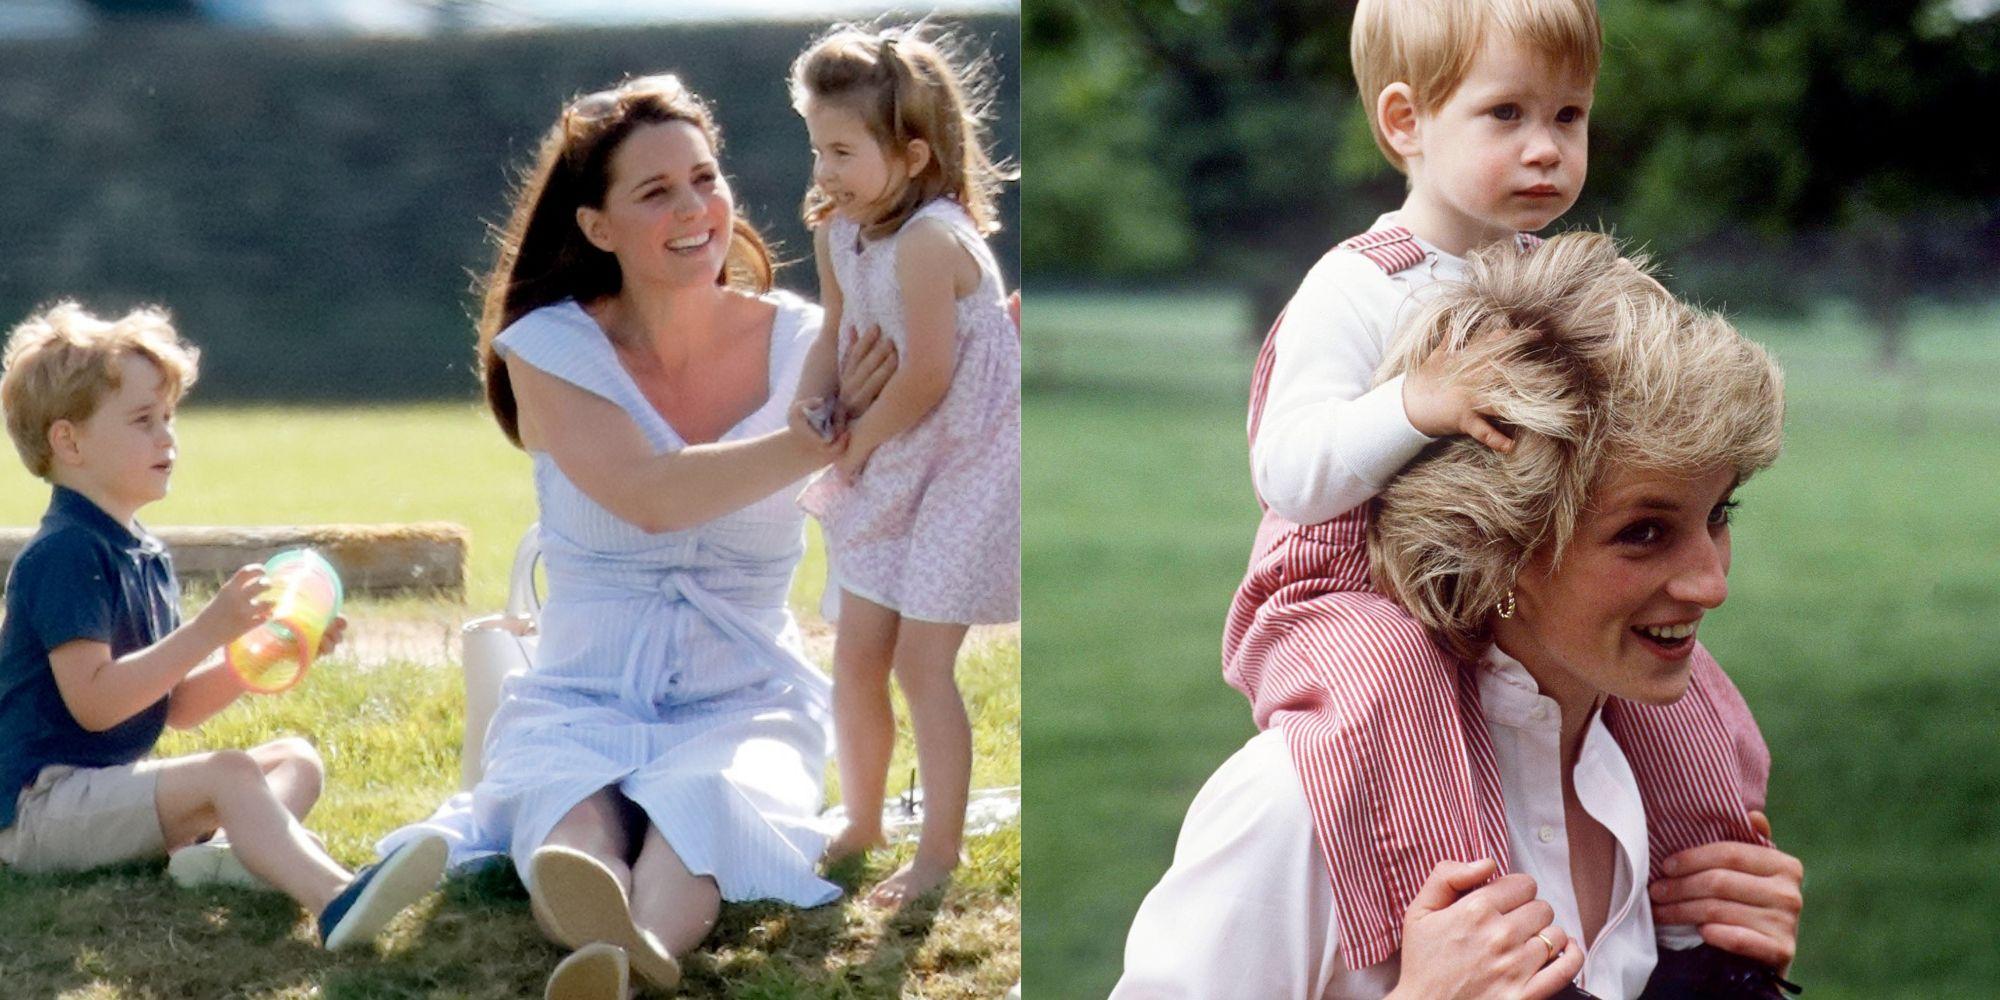 全世界都在關注凱特王妃怎麼過生日!原來每位英國王室的生日趴都有這些「潛規則」啊!